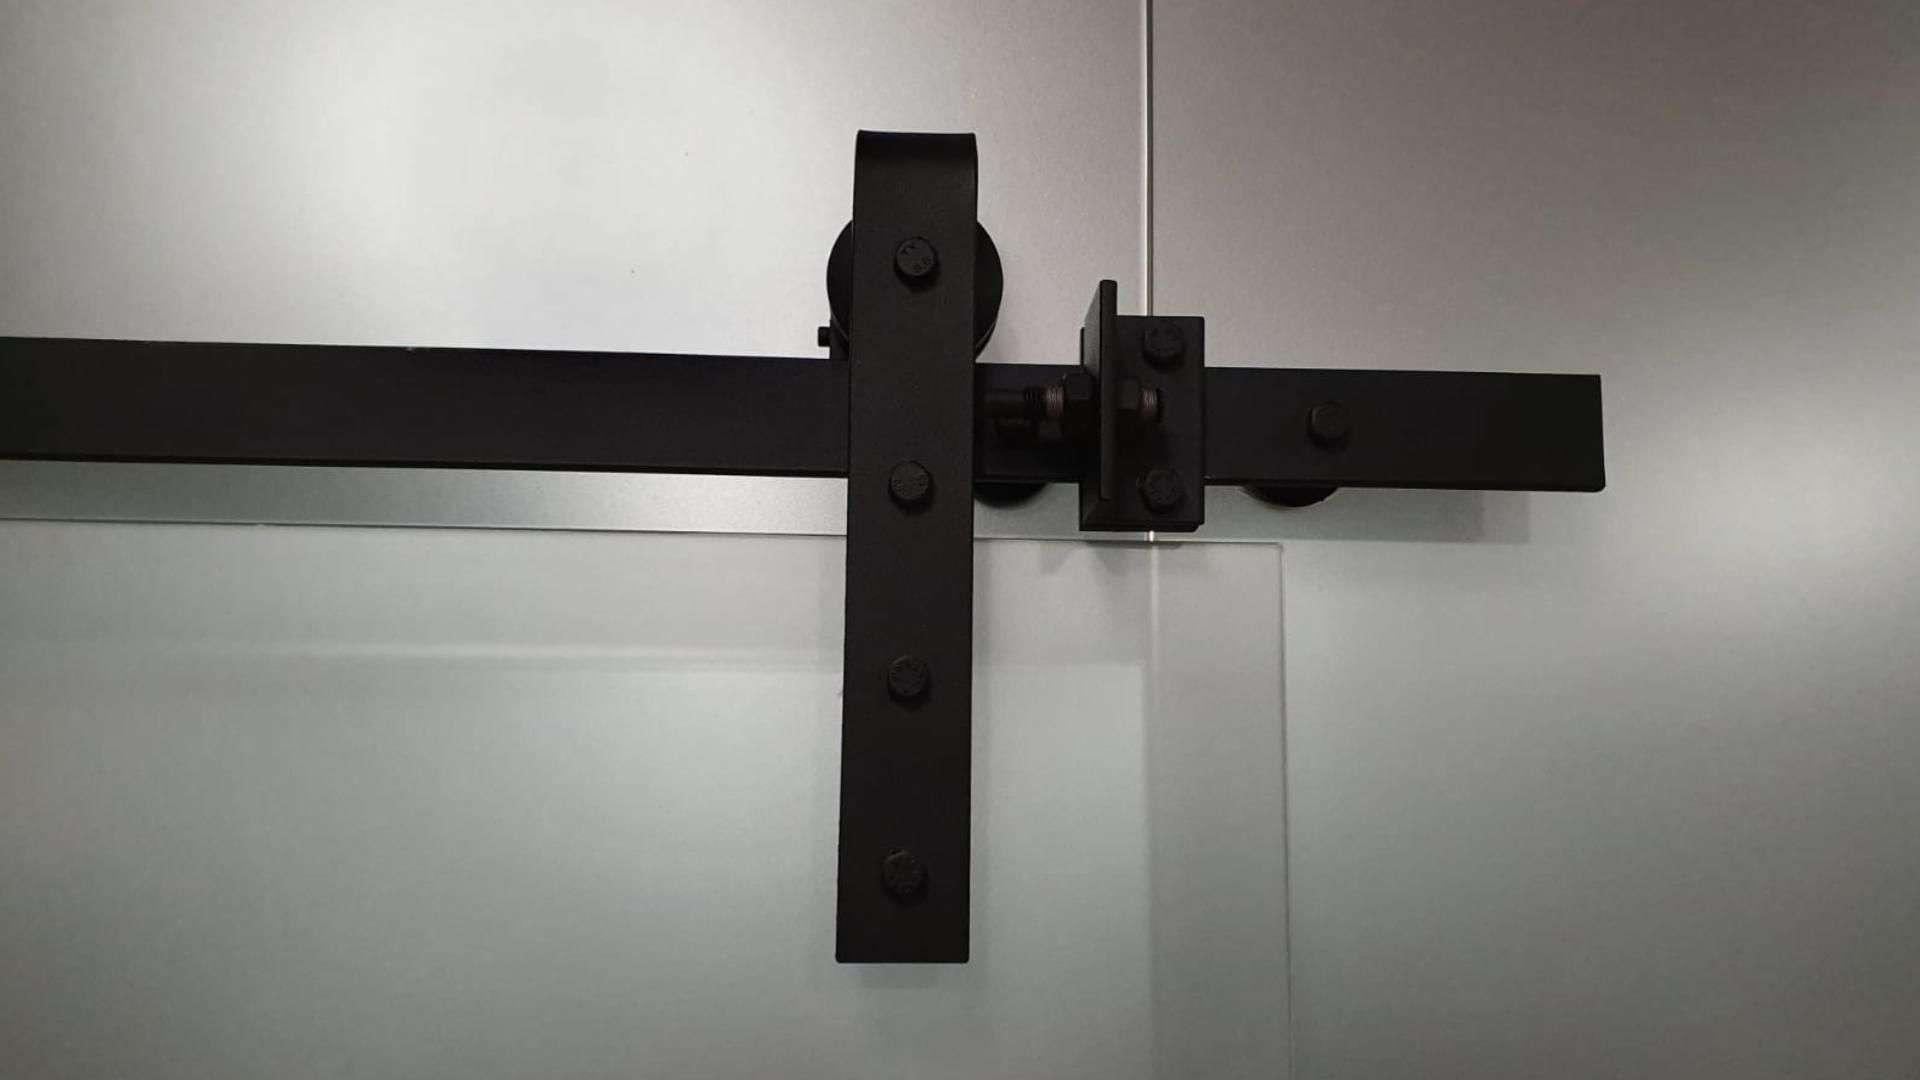 schwarzer Beschlag einer Schiebetür aus Glas